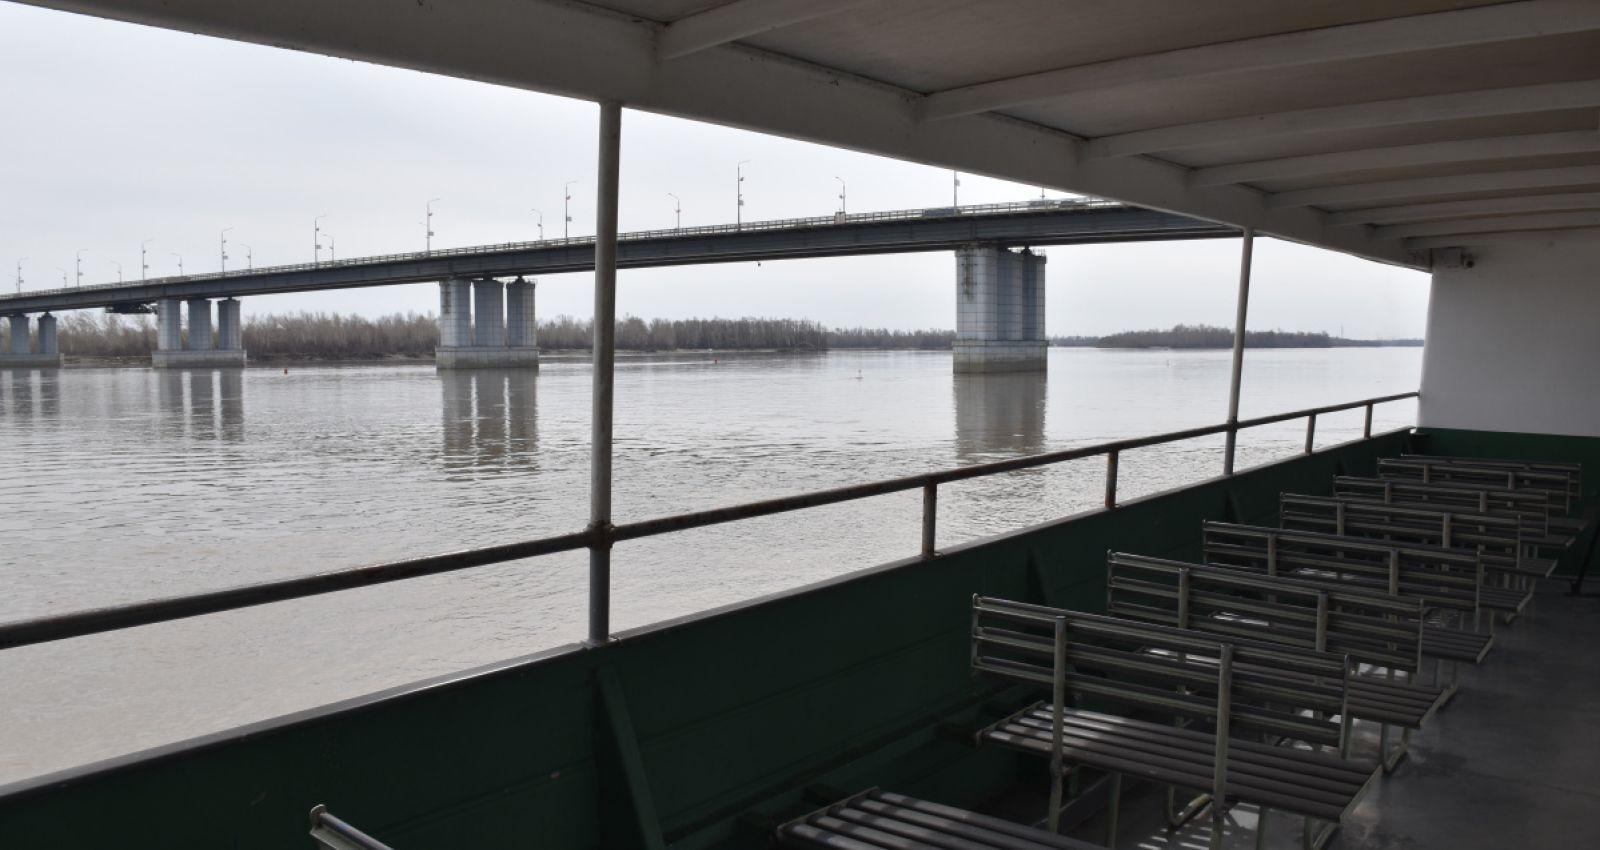 Теплоходы начали курсировать по Оби в Барнауле